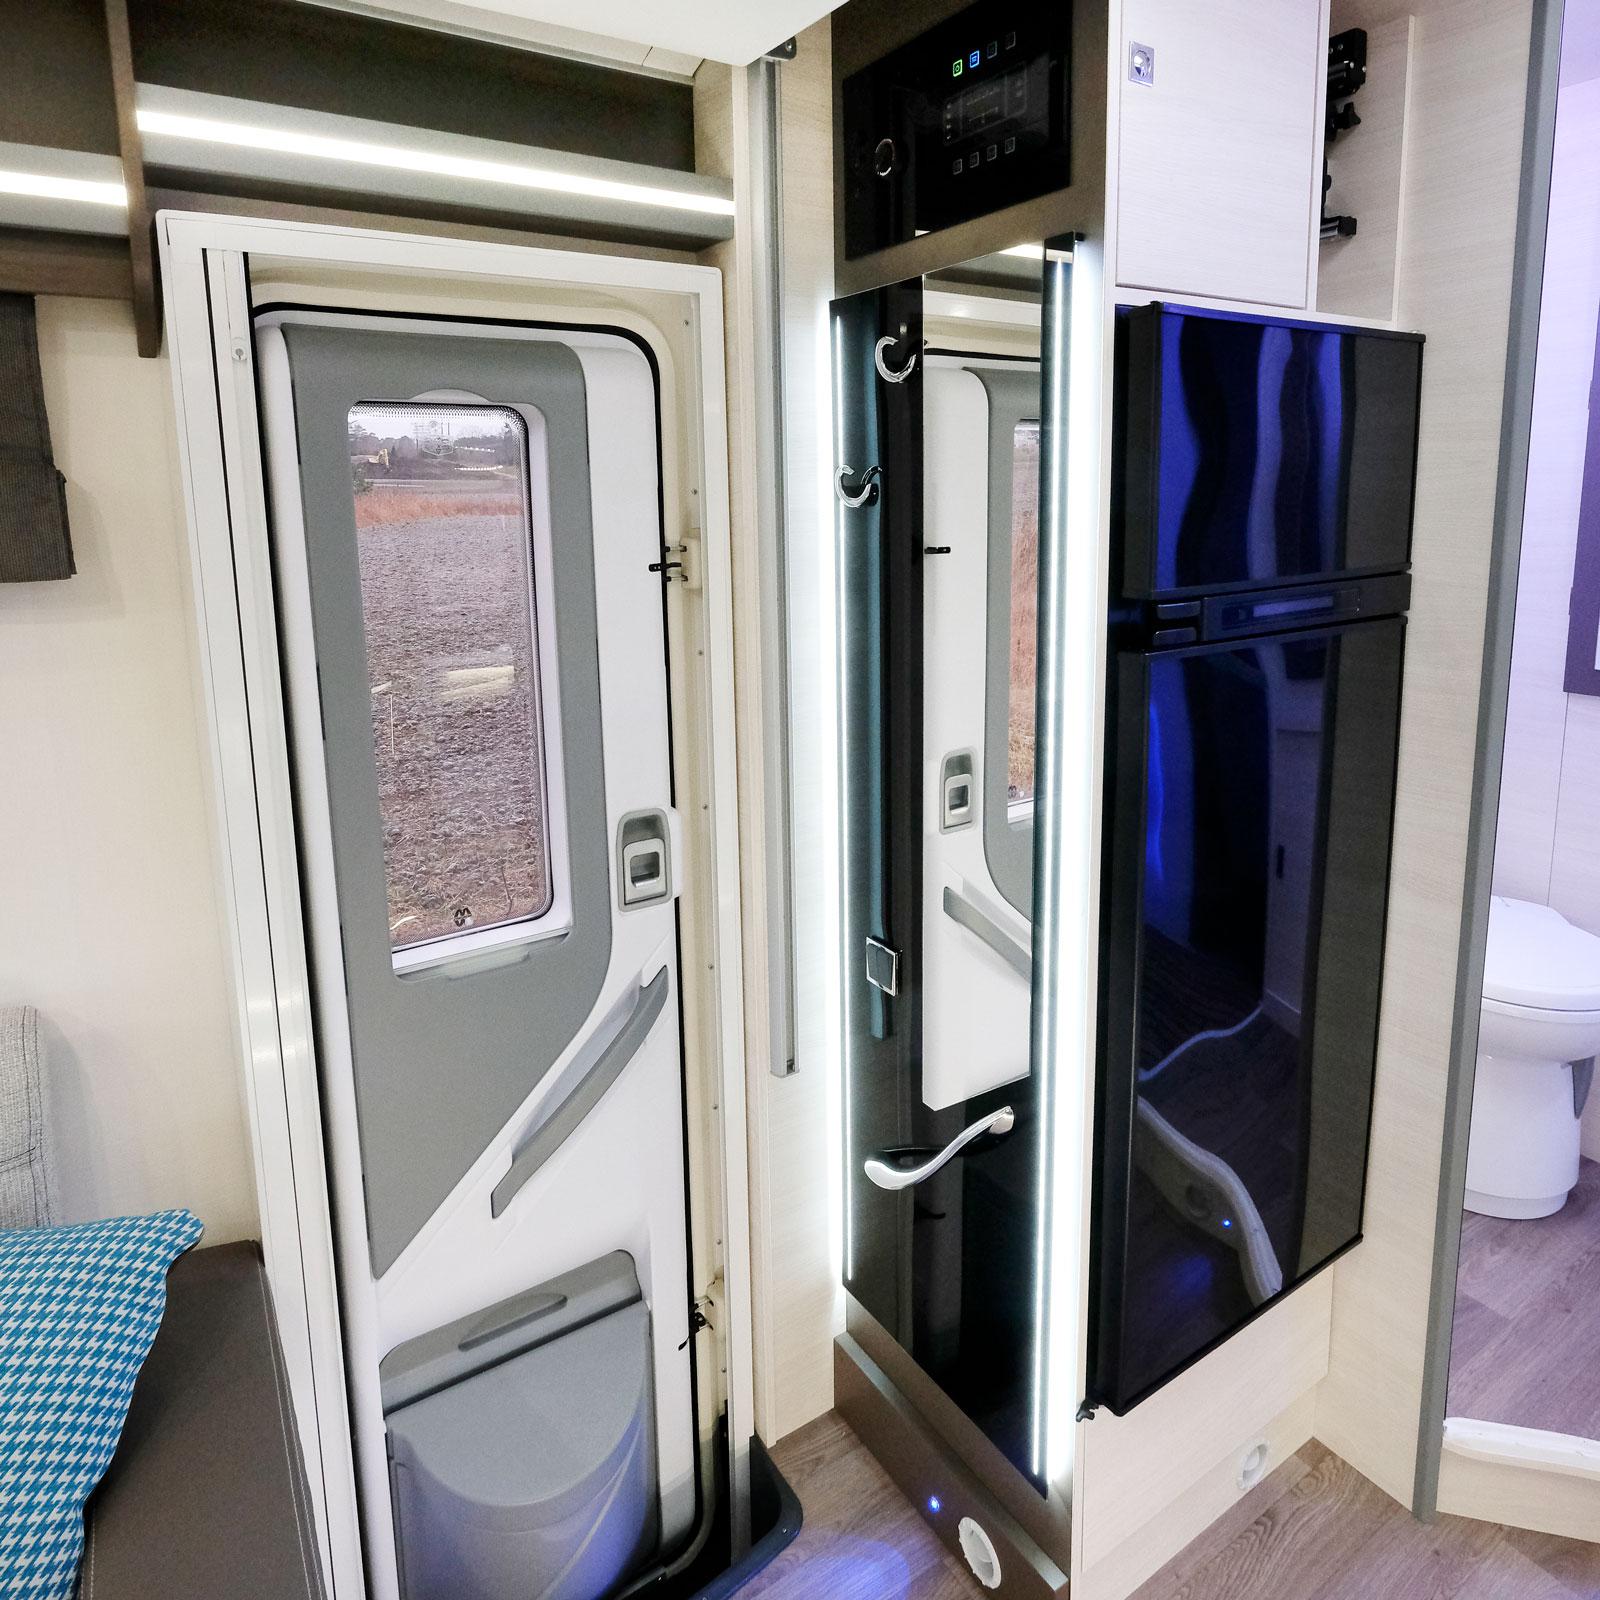 Vid entrén finns en högsmal spegel och klädkrokar, en bra lösning för de som vill ha bägge. I dörren ett stort fönster.